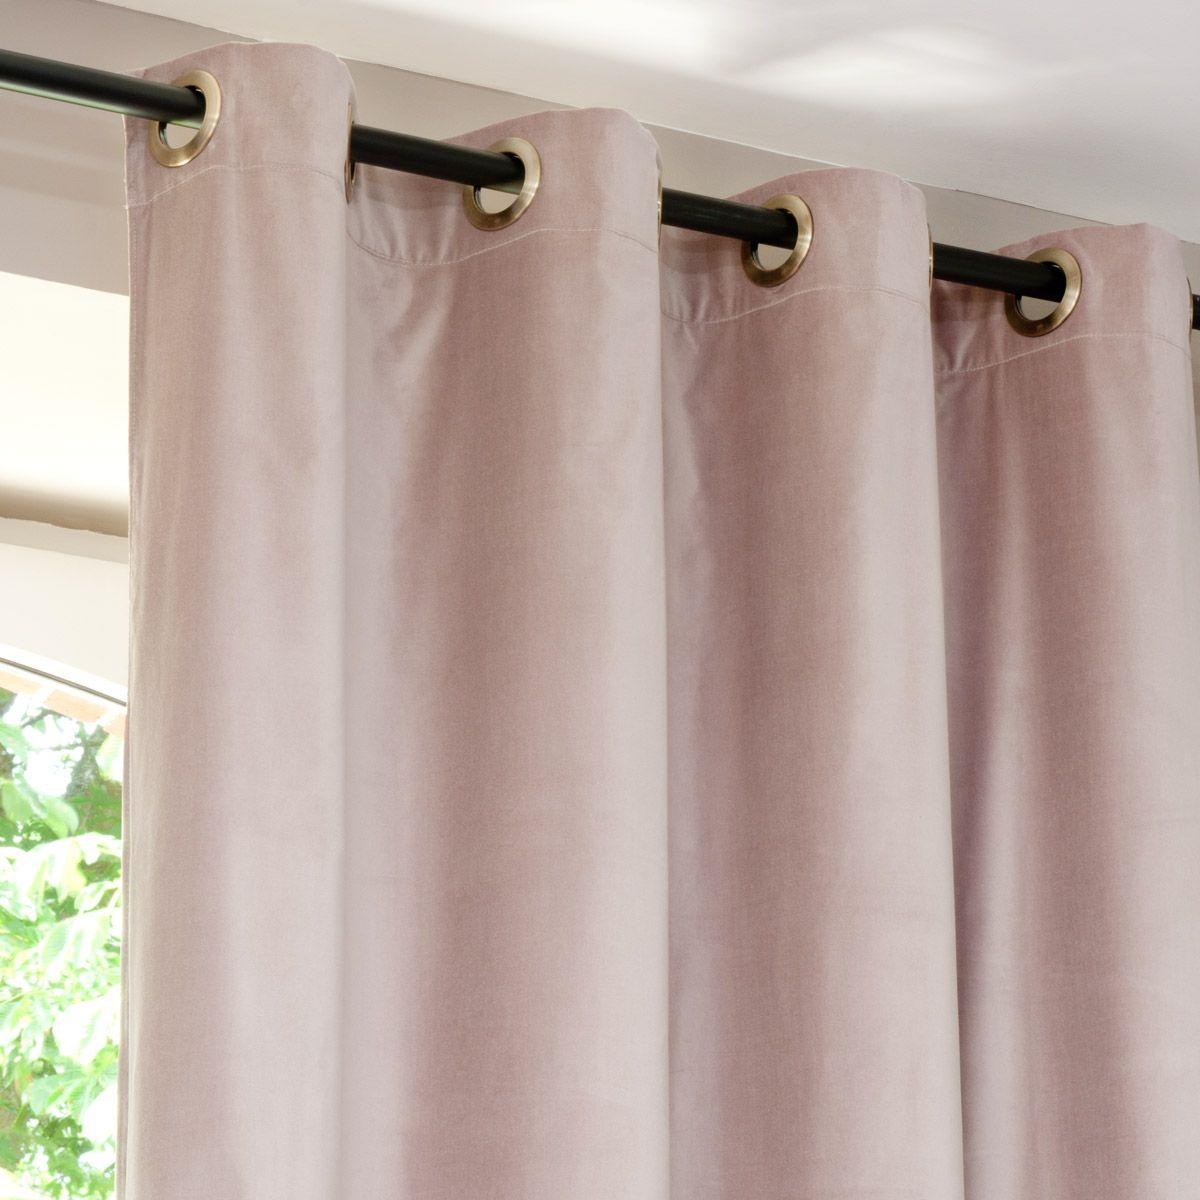 Samt Vorhang Altrosa 140 X 300 Cm Maisons Du Monde Vorhange Shabby Chic Vorhange Rosa Vorhange